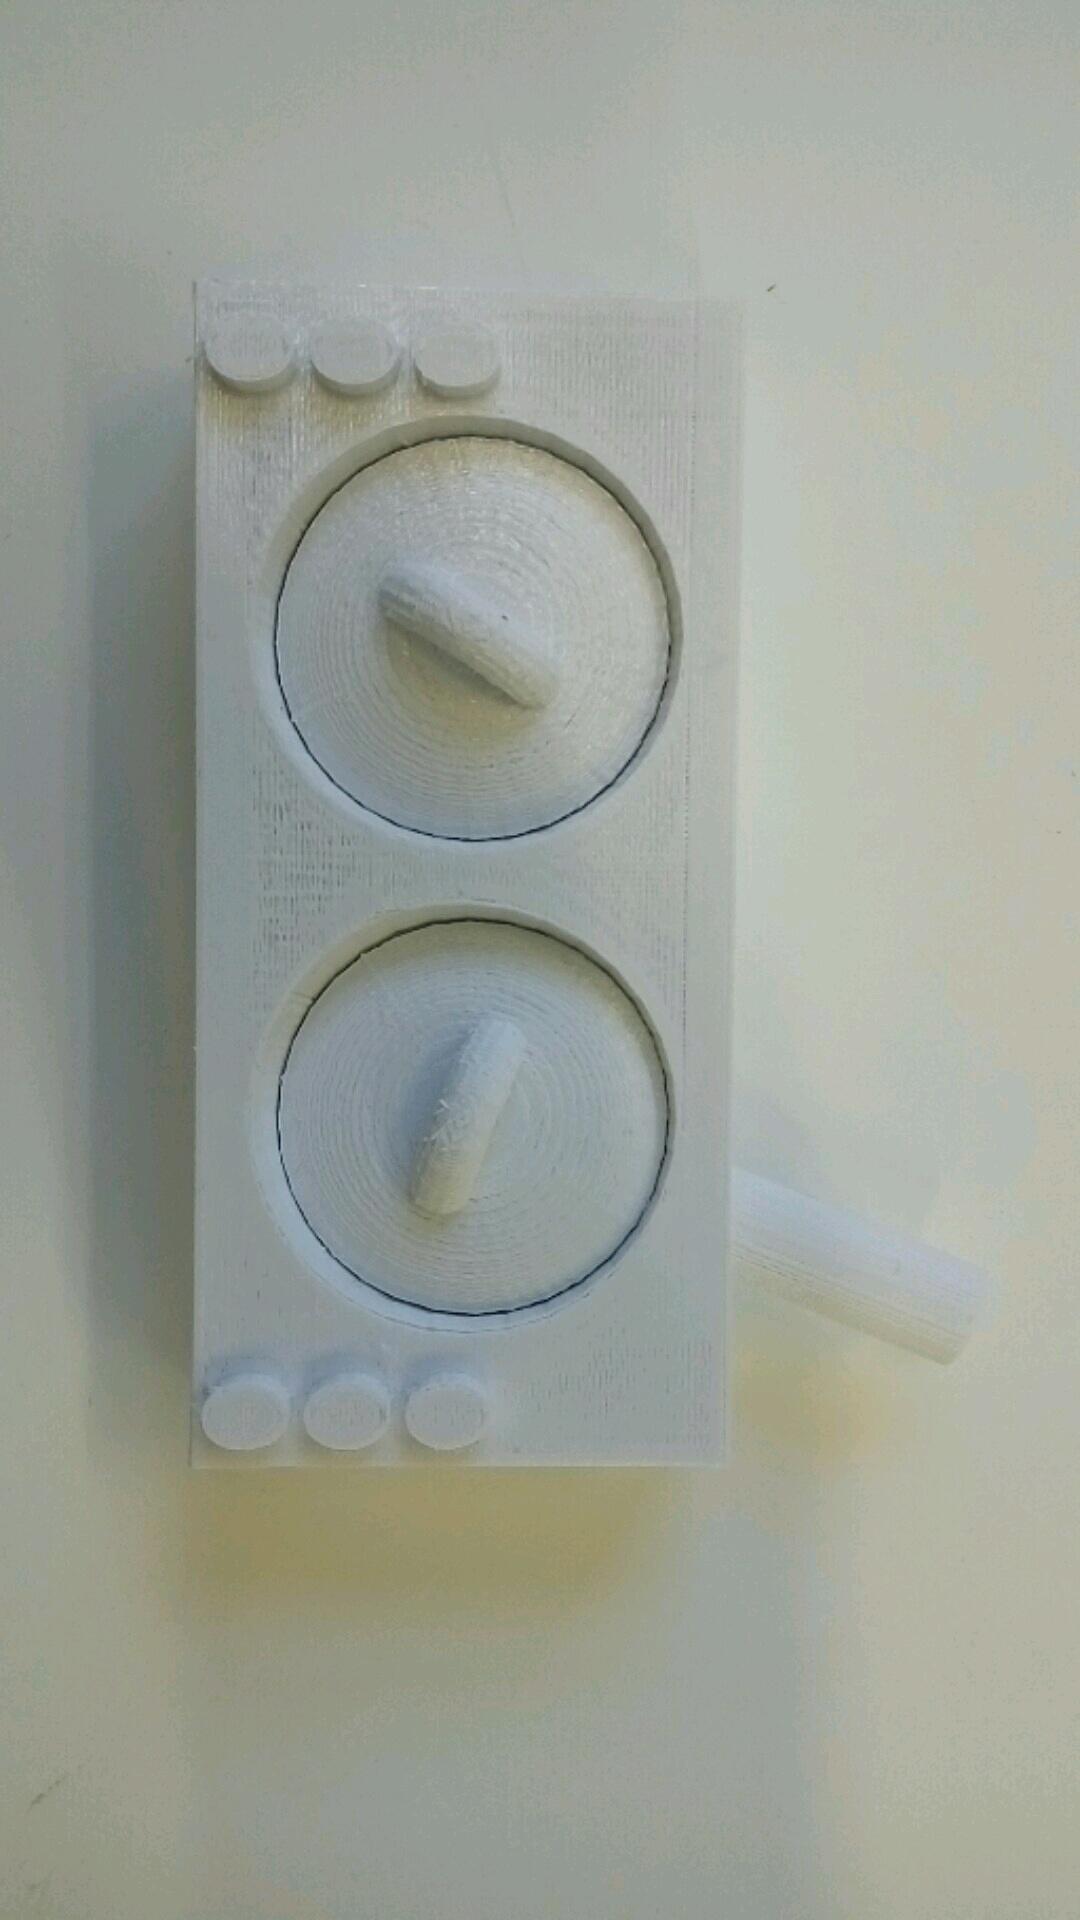 קופסת תכשיטים בצורת רדיו